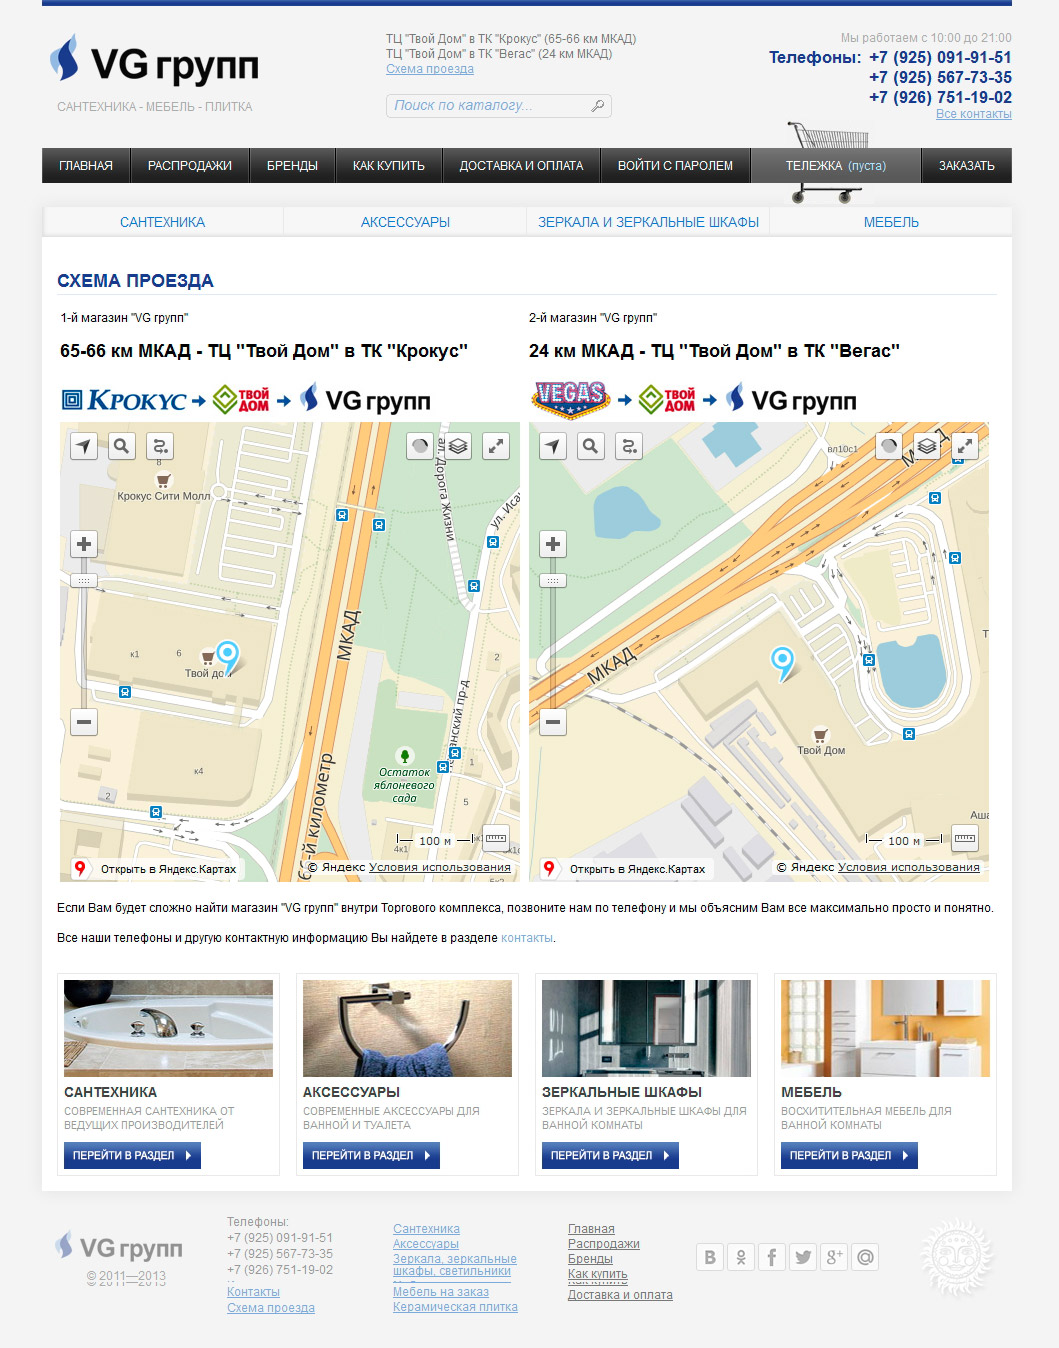 Схемы проезда - Яндекс.Карты